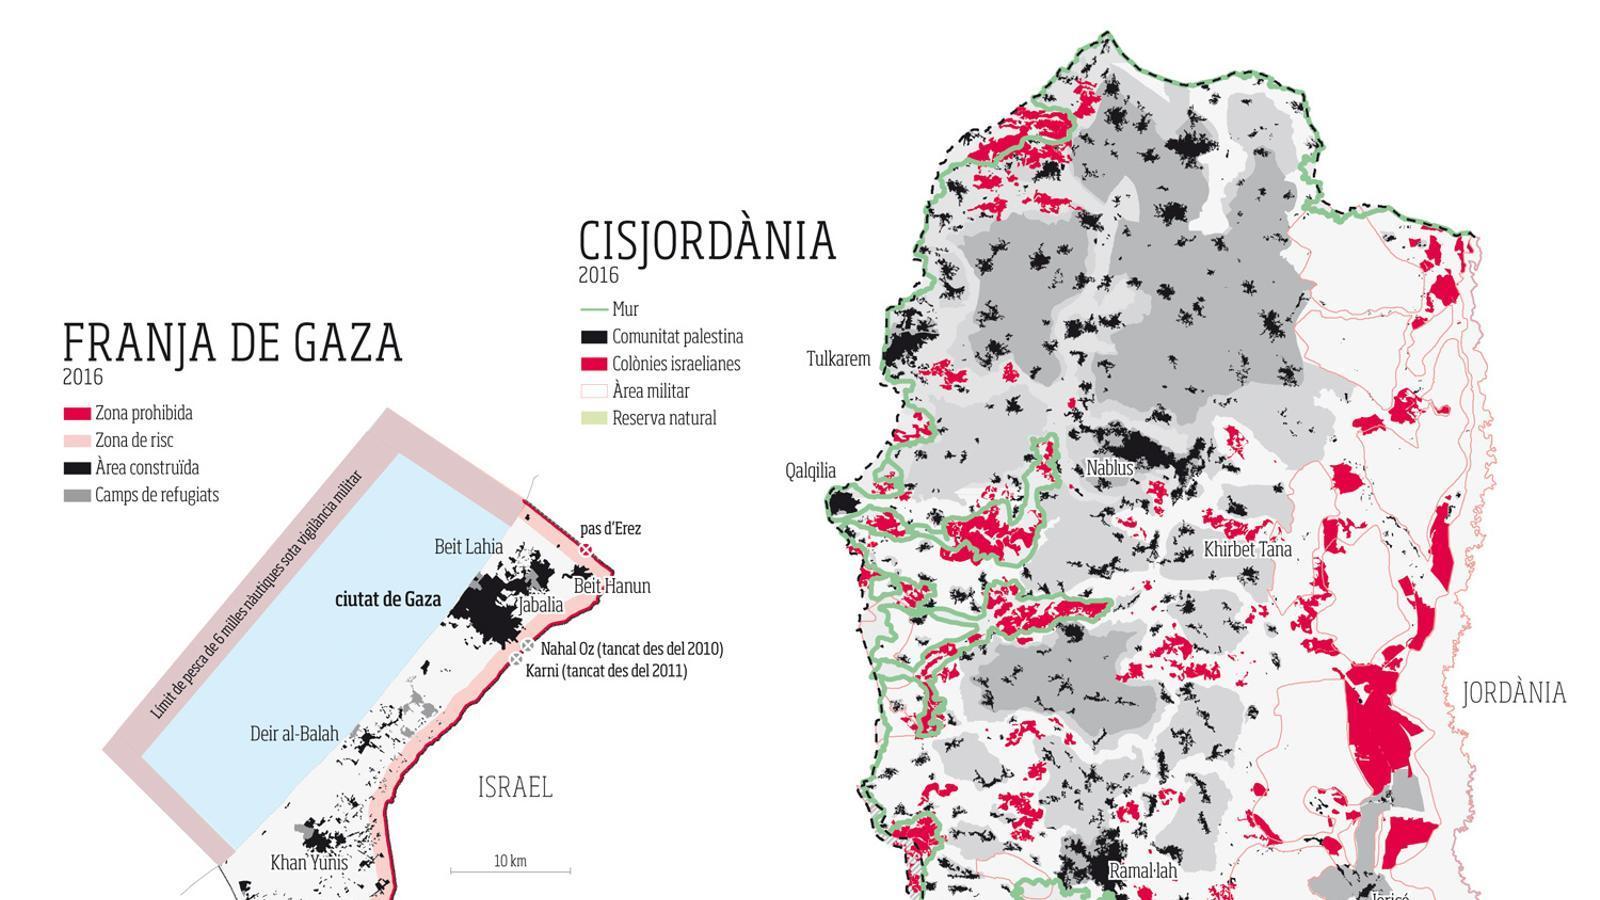 L'ofec territorial, econòmic i social a Palestina